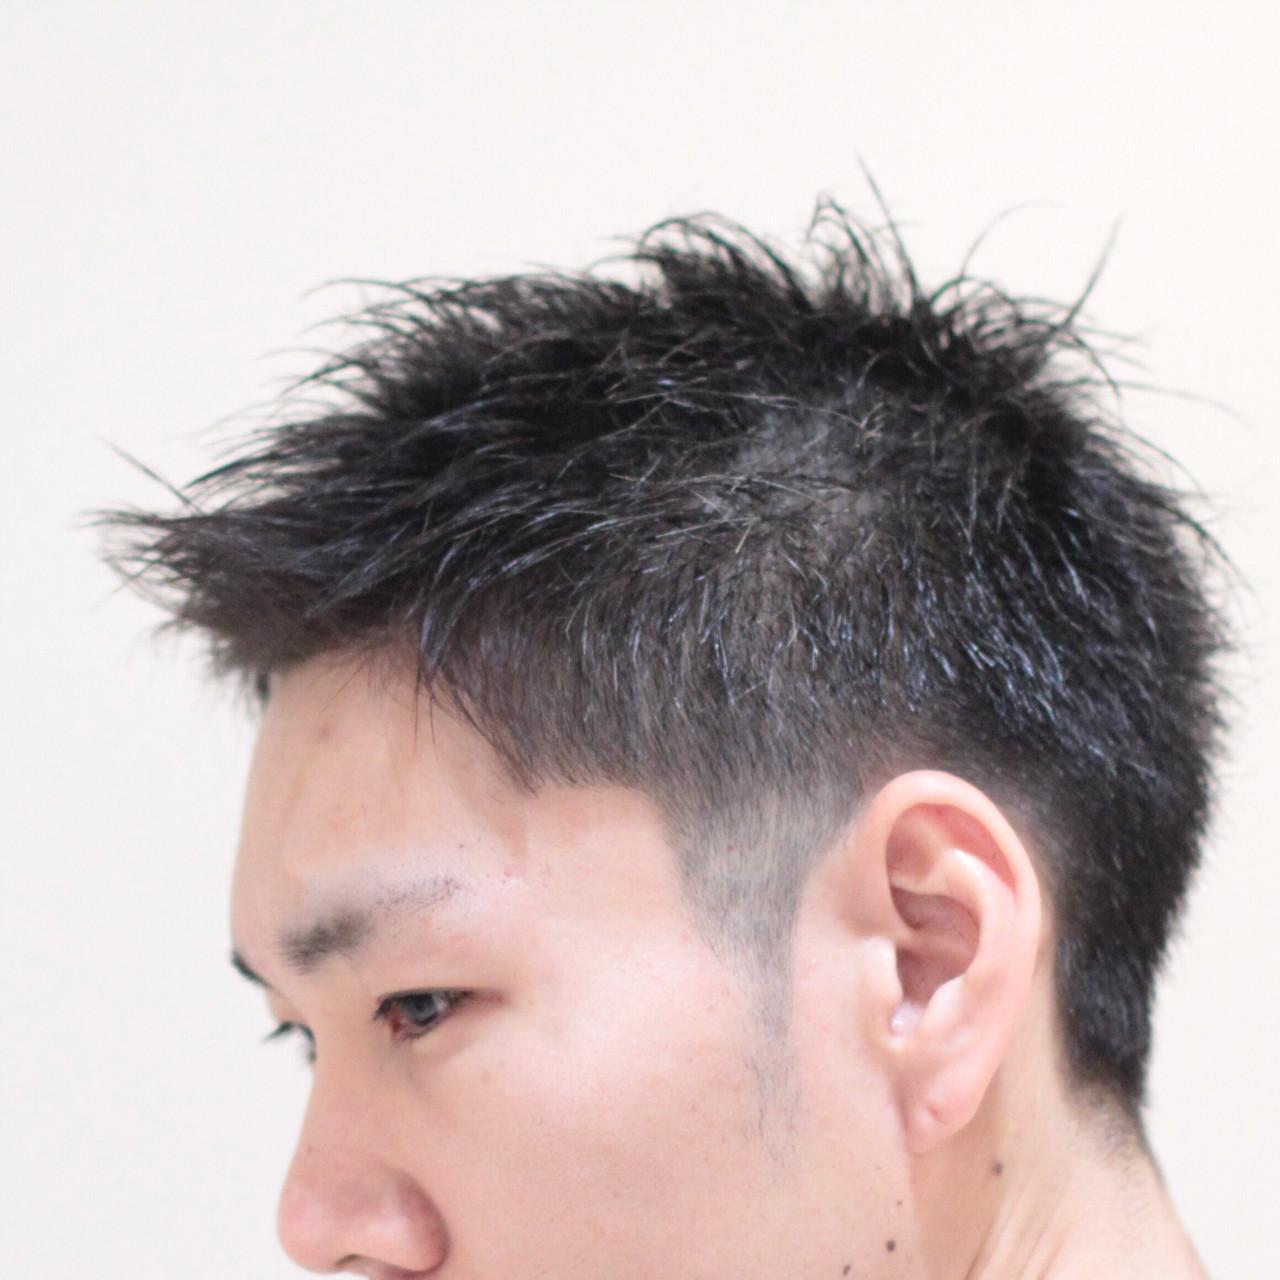 サイドを短くカットした男子就活生のヘアスタイル